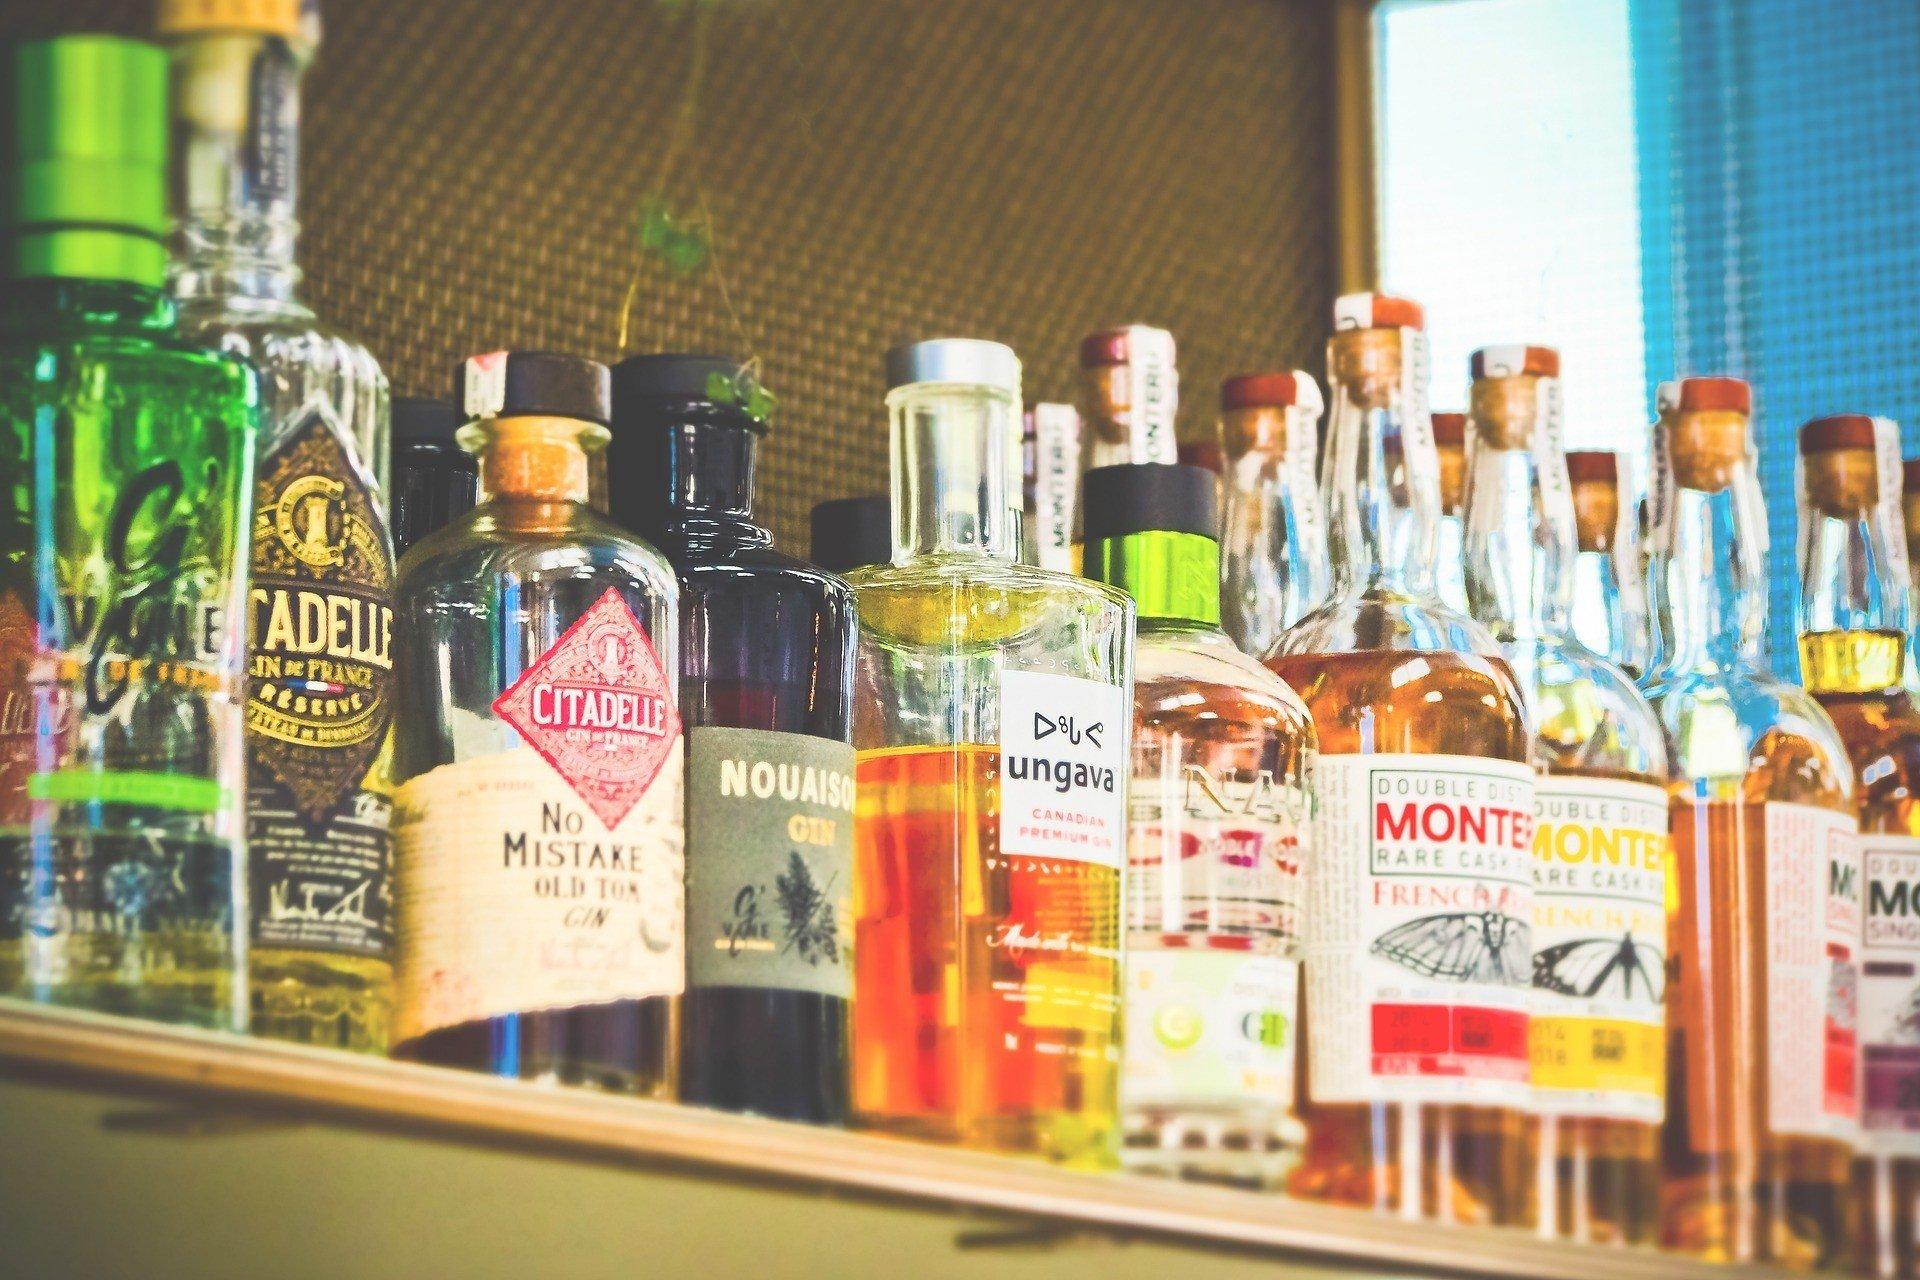 В ОАЭ разрешили употреблять алкоголь, - СМИ